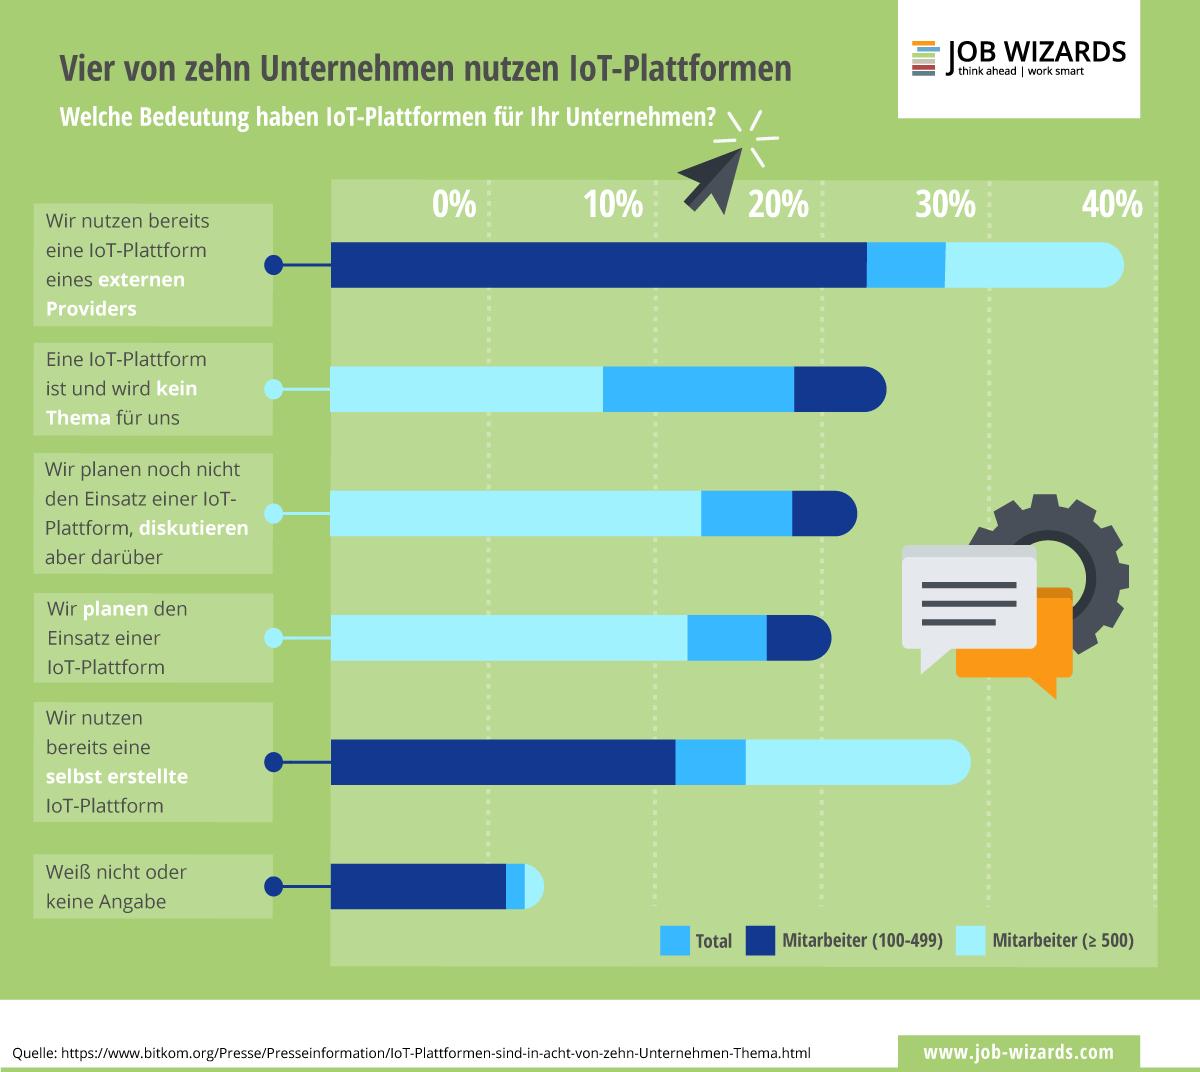 Infografik zur Nutzung von Business IoT-Plattformen durch Unternehmen